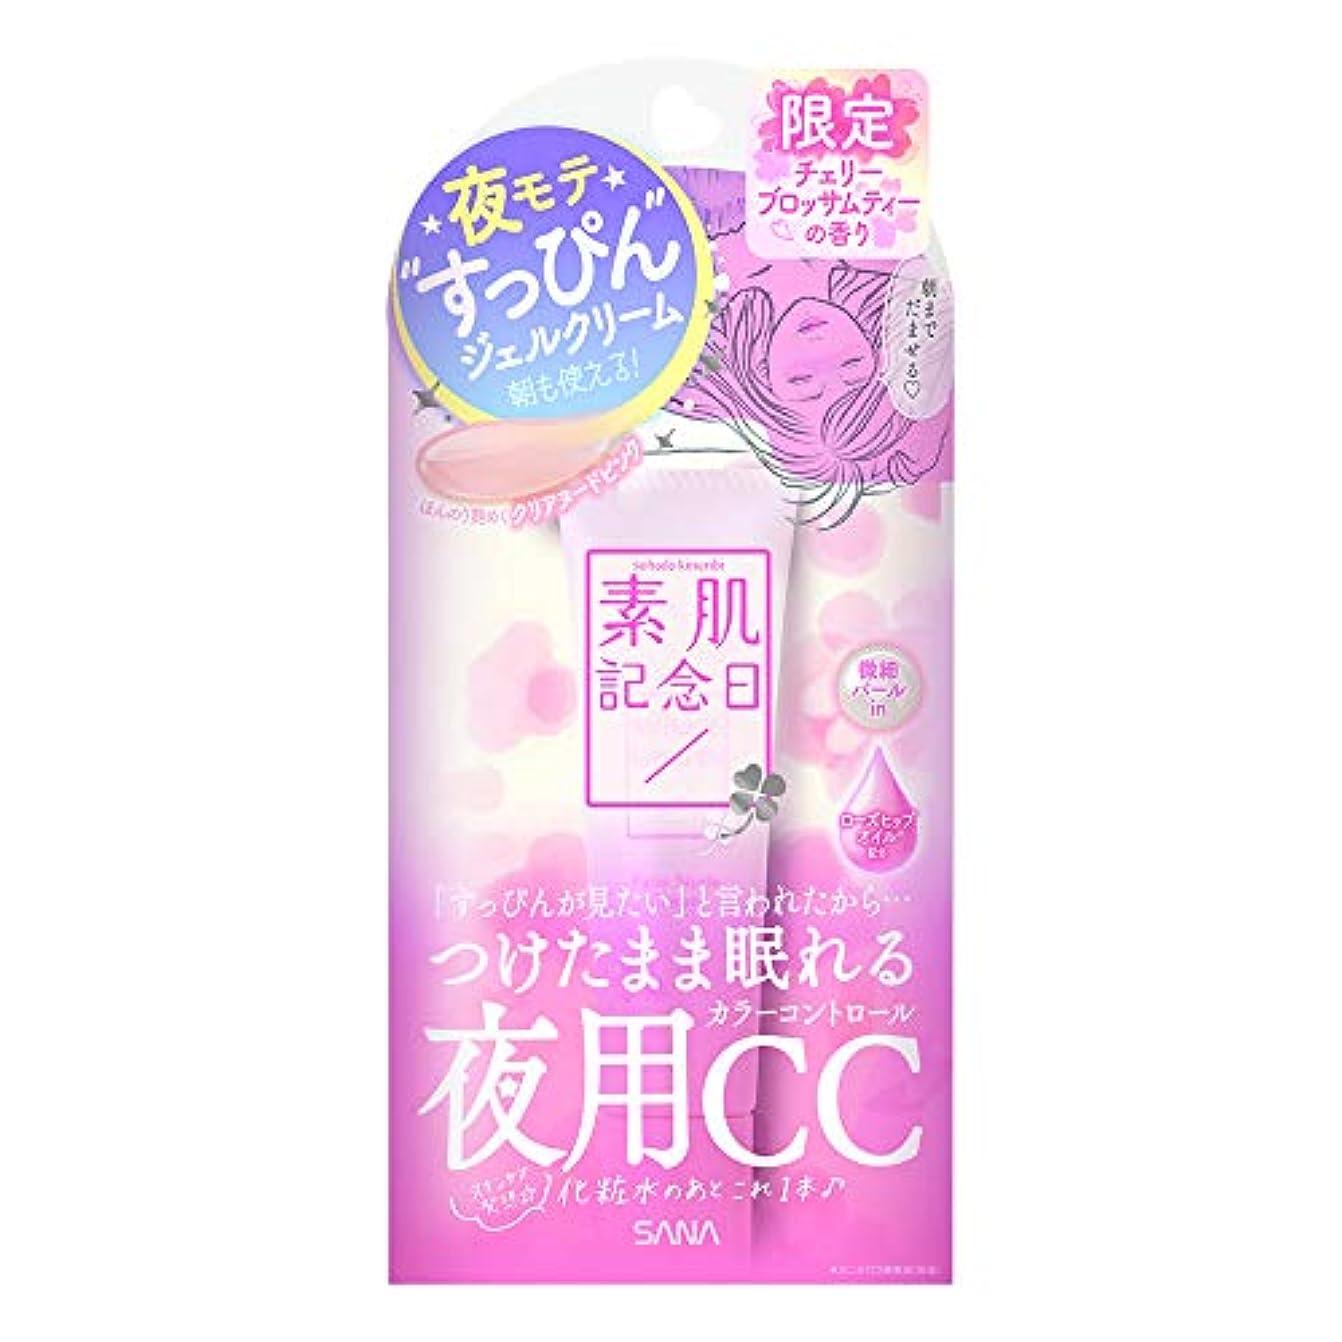 楽観的パラダイスフロー素肌記念日 フェイクヌードクリーム ヌードピンク チェリーブロッサムティの香り 30g